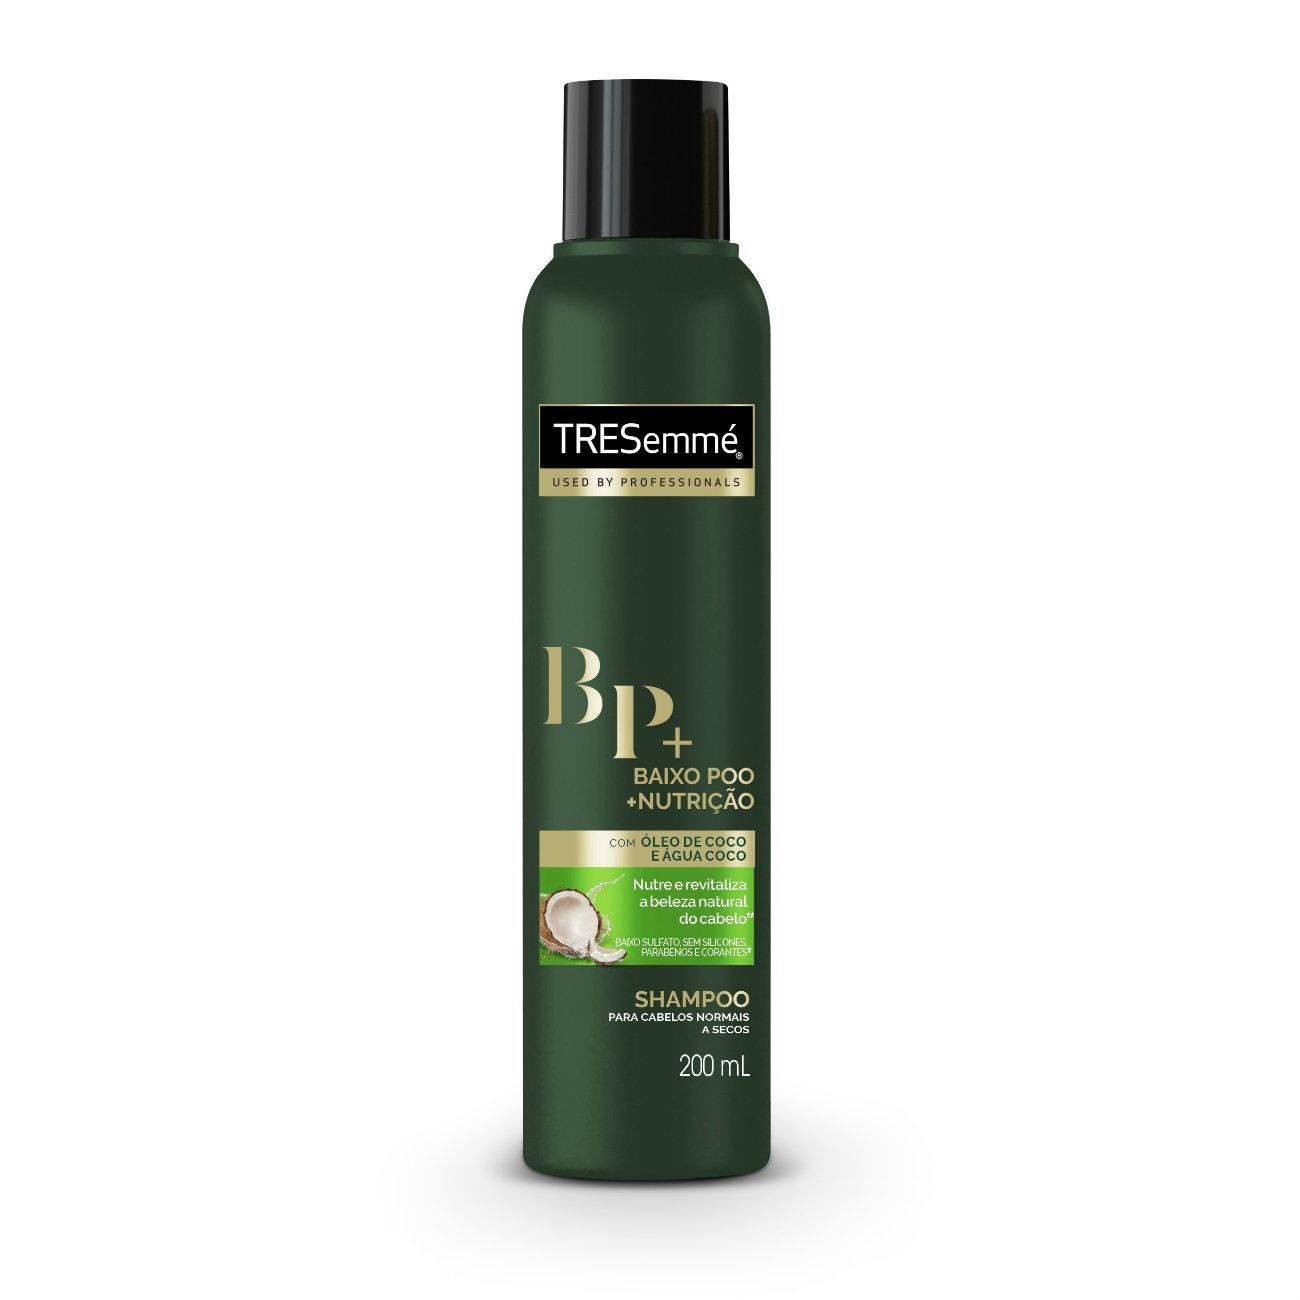 Shampoo Tresemmé Baixo Poo + Nutrição 200ml